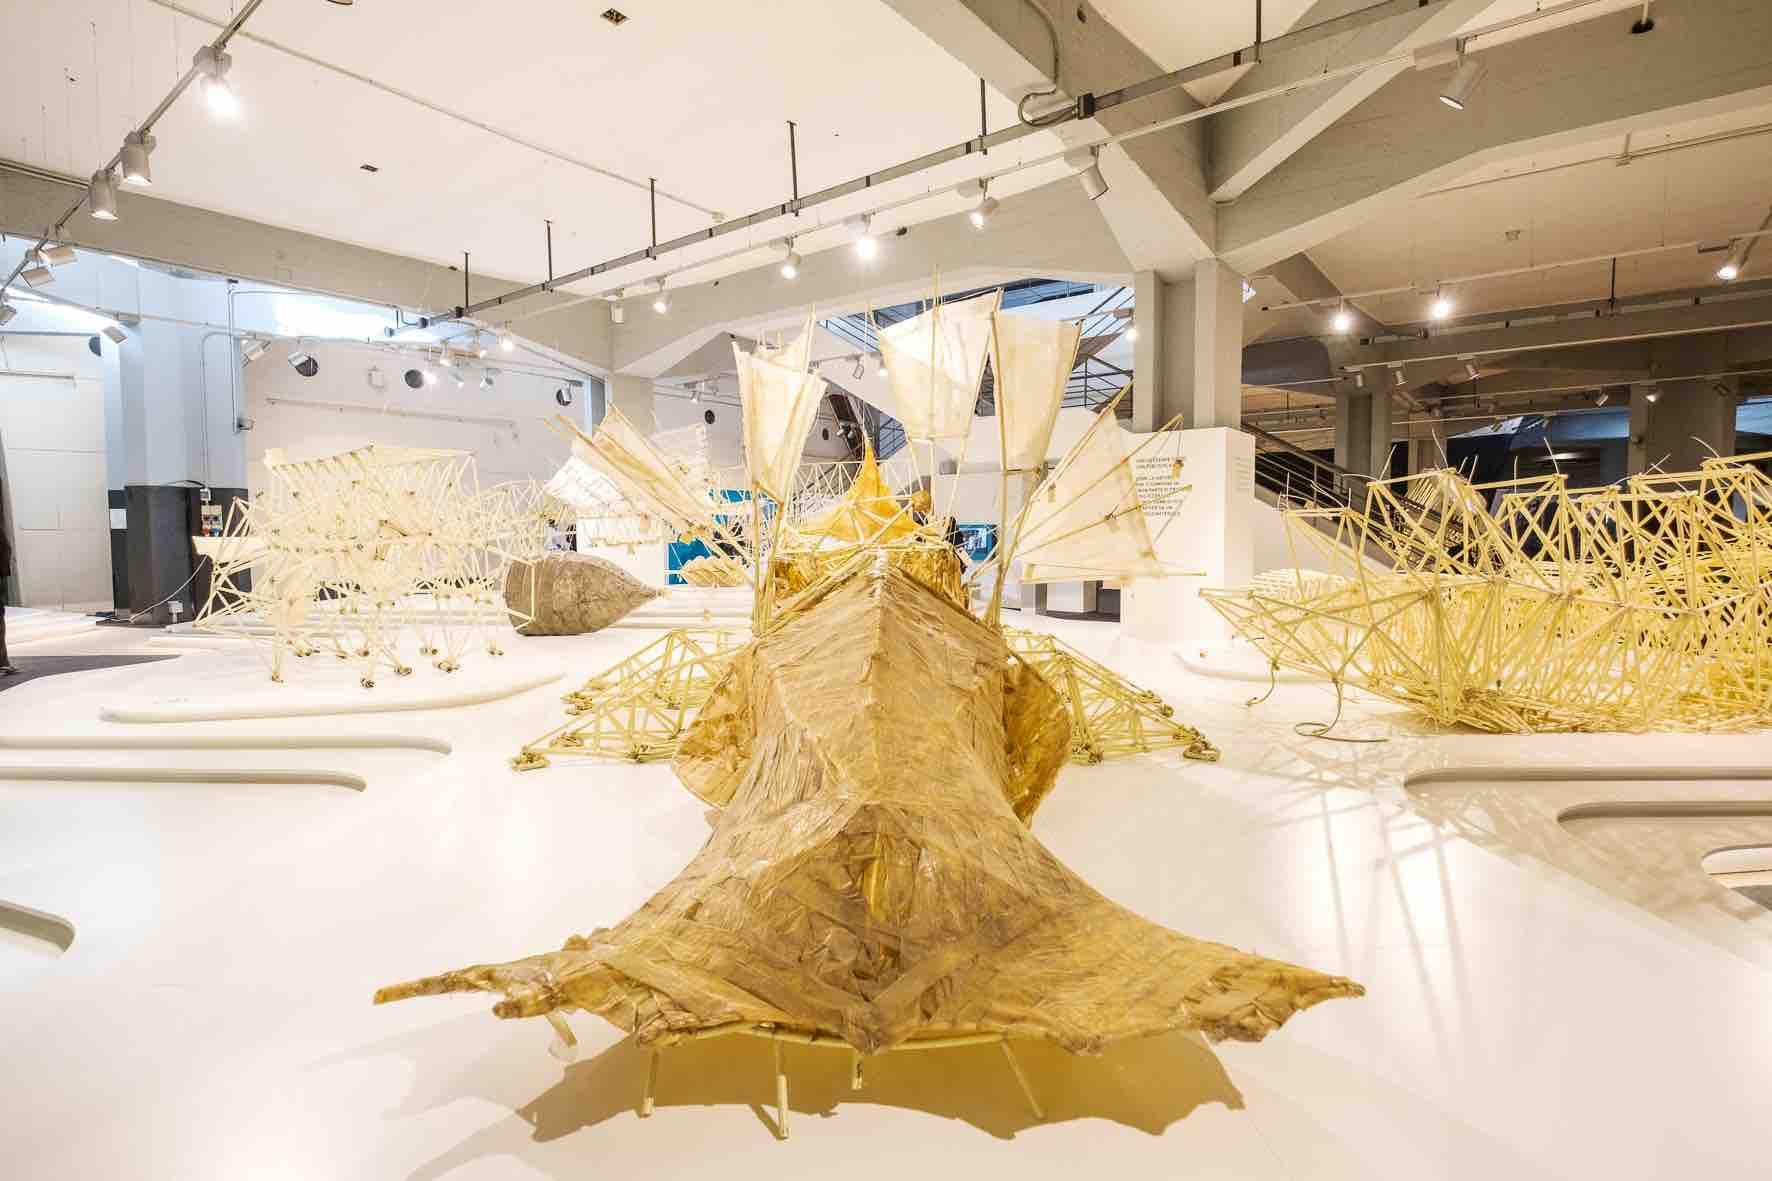 GG aprile al museo nazionale della scienza e della tecnologia di milano2